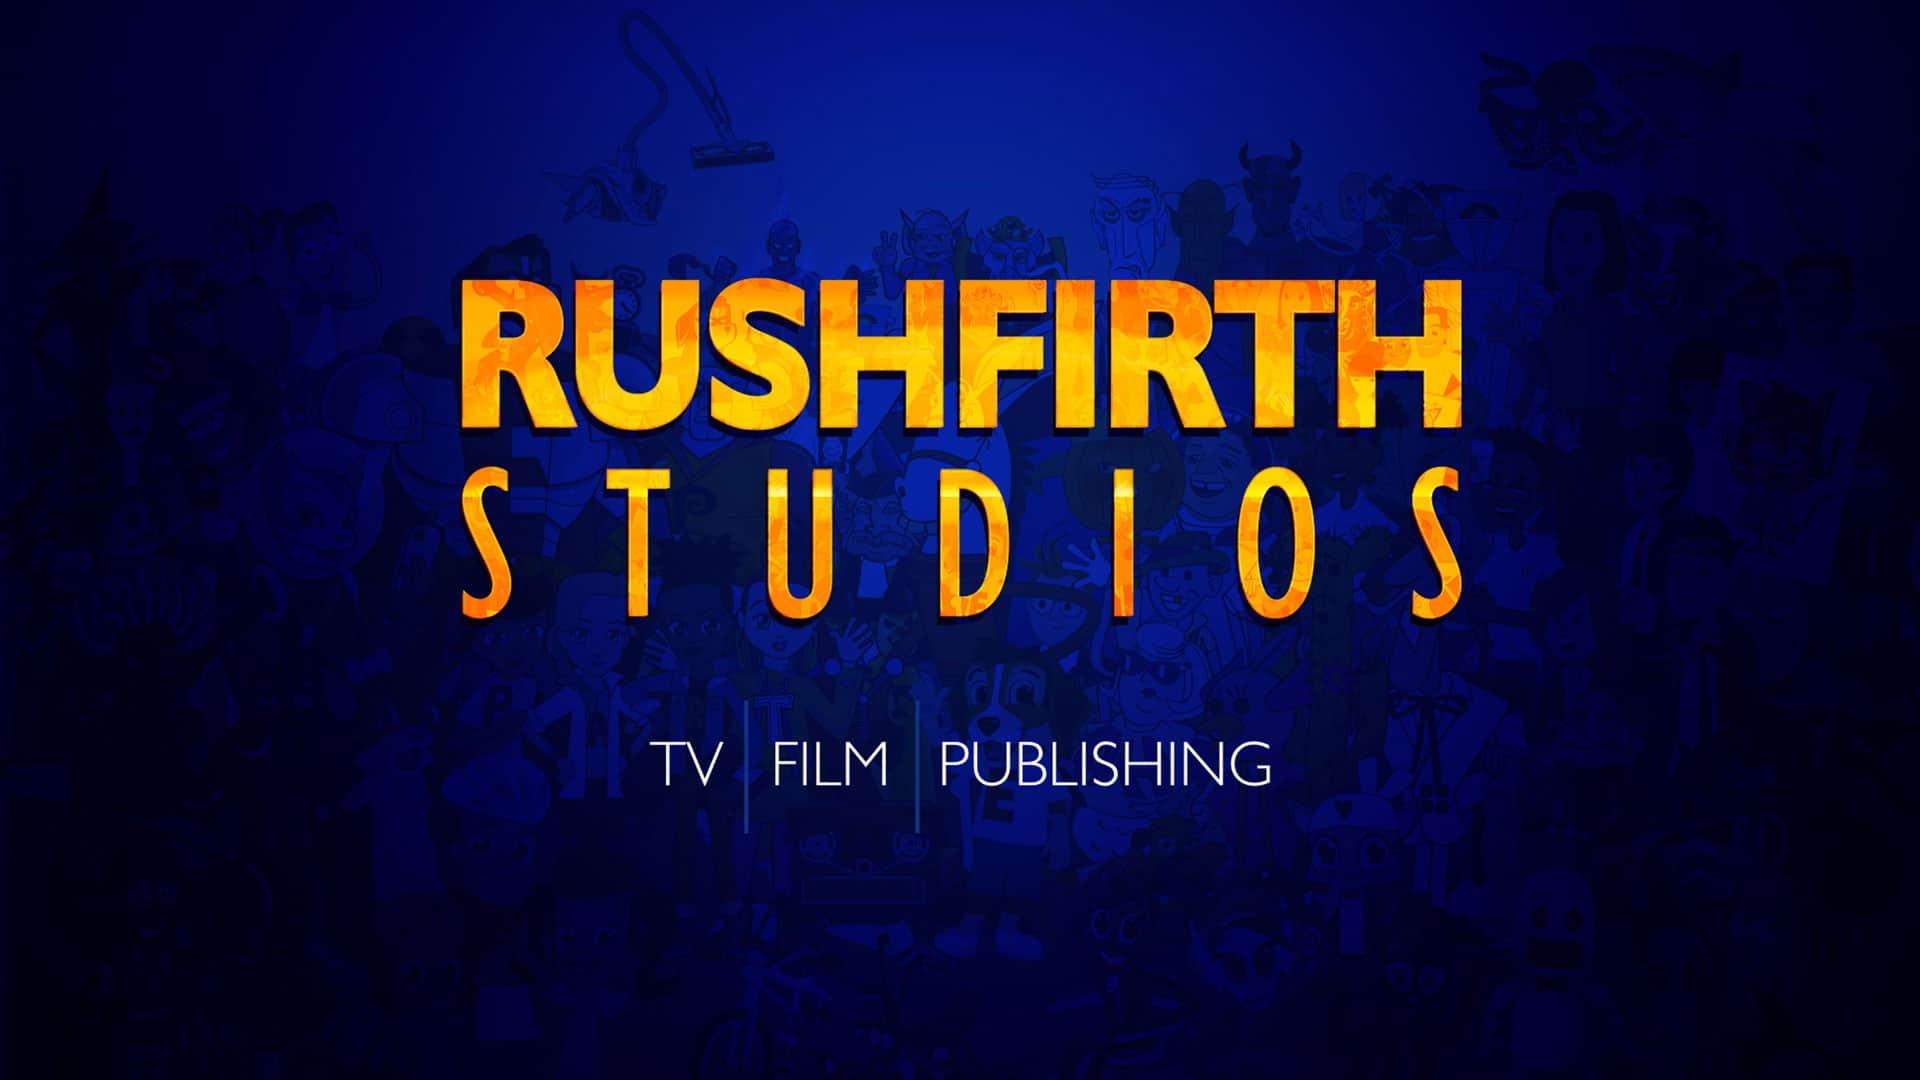 Rushfirth Studios Image 1